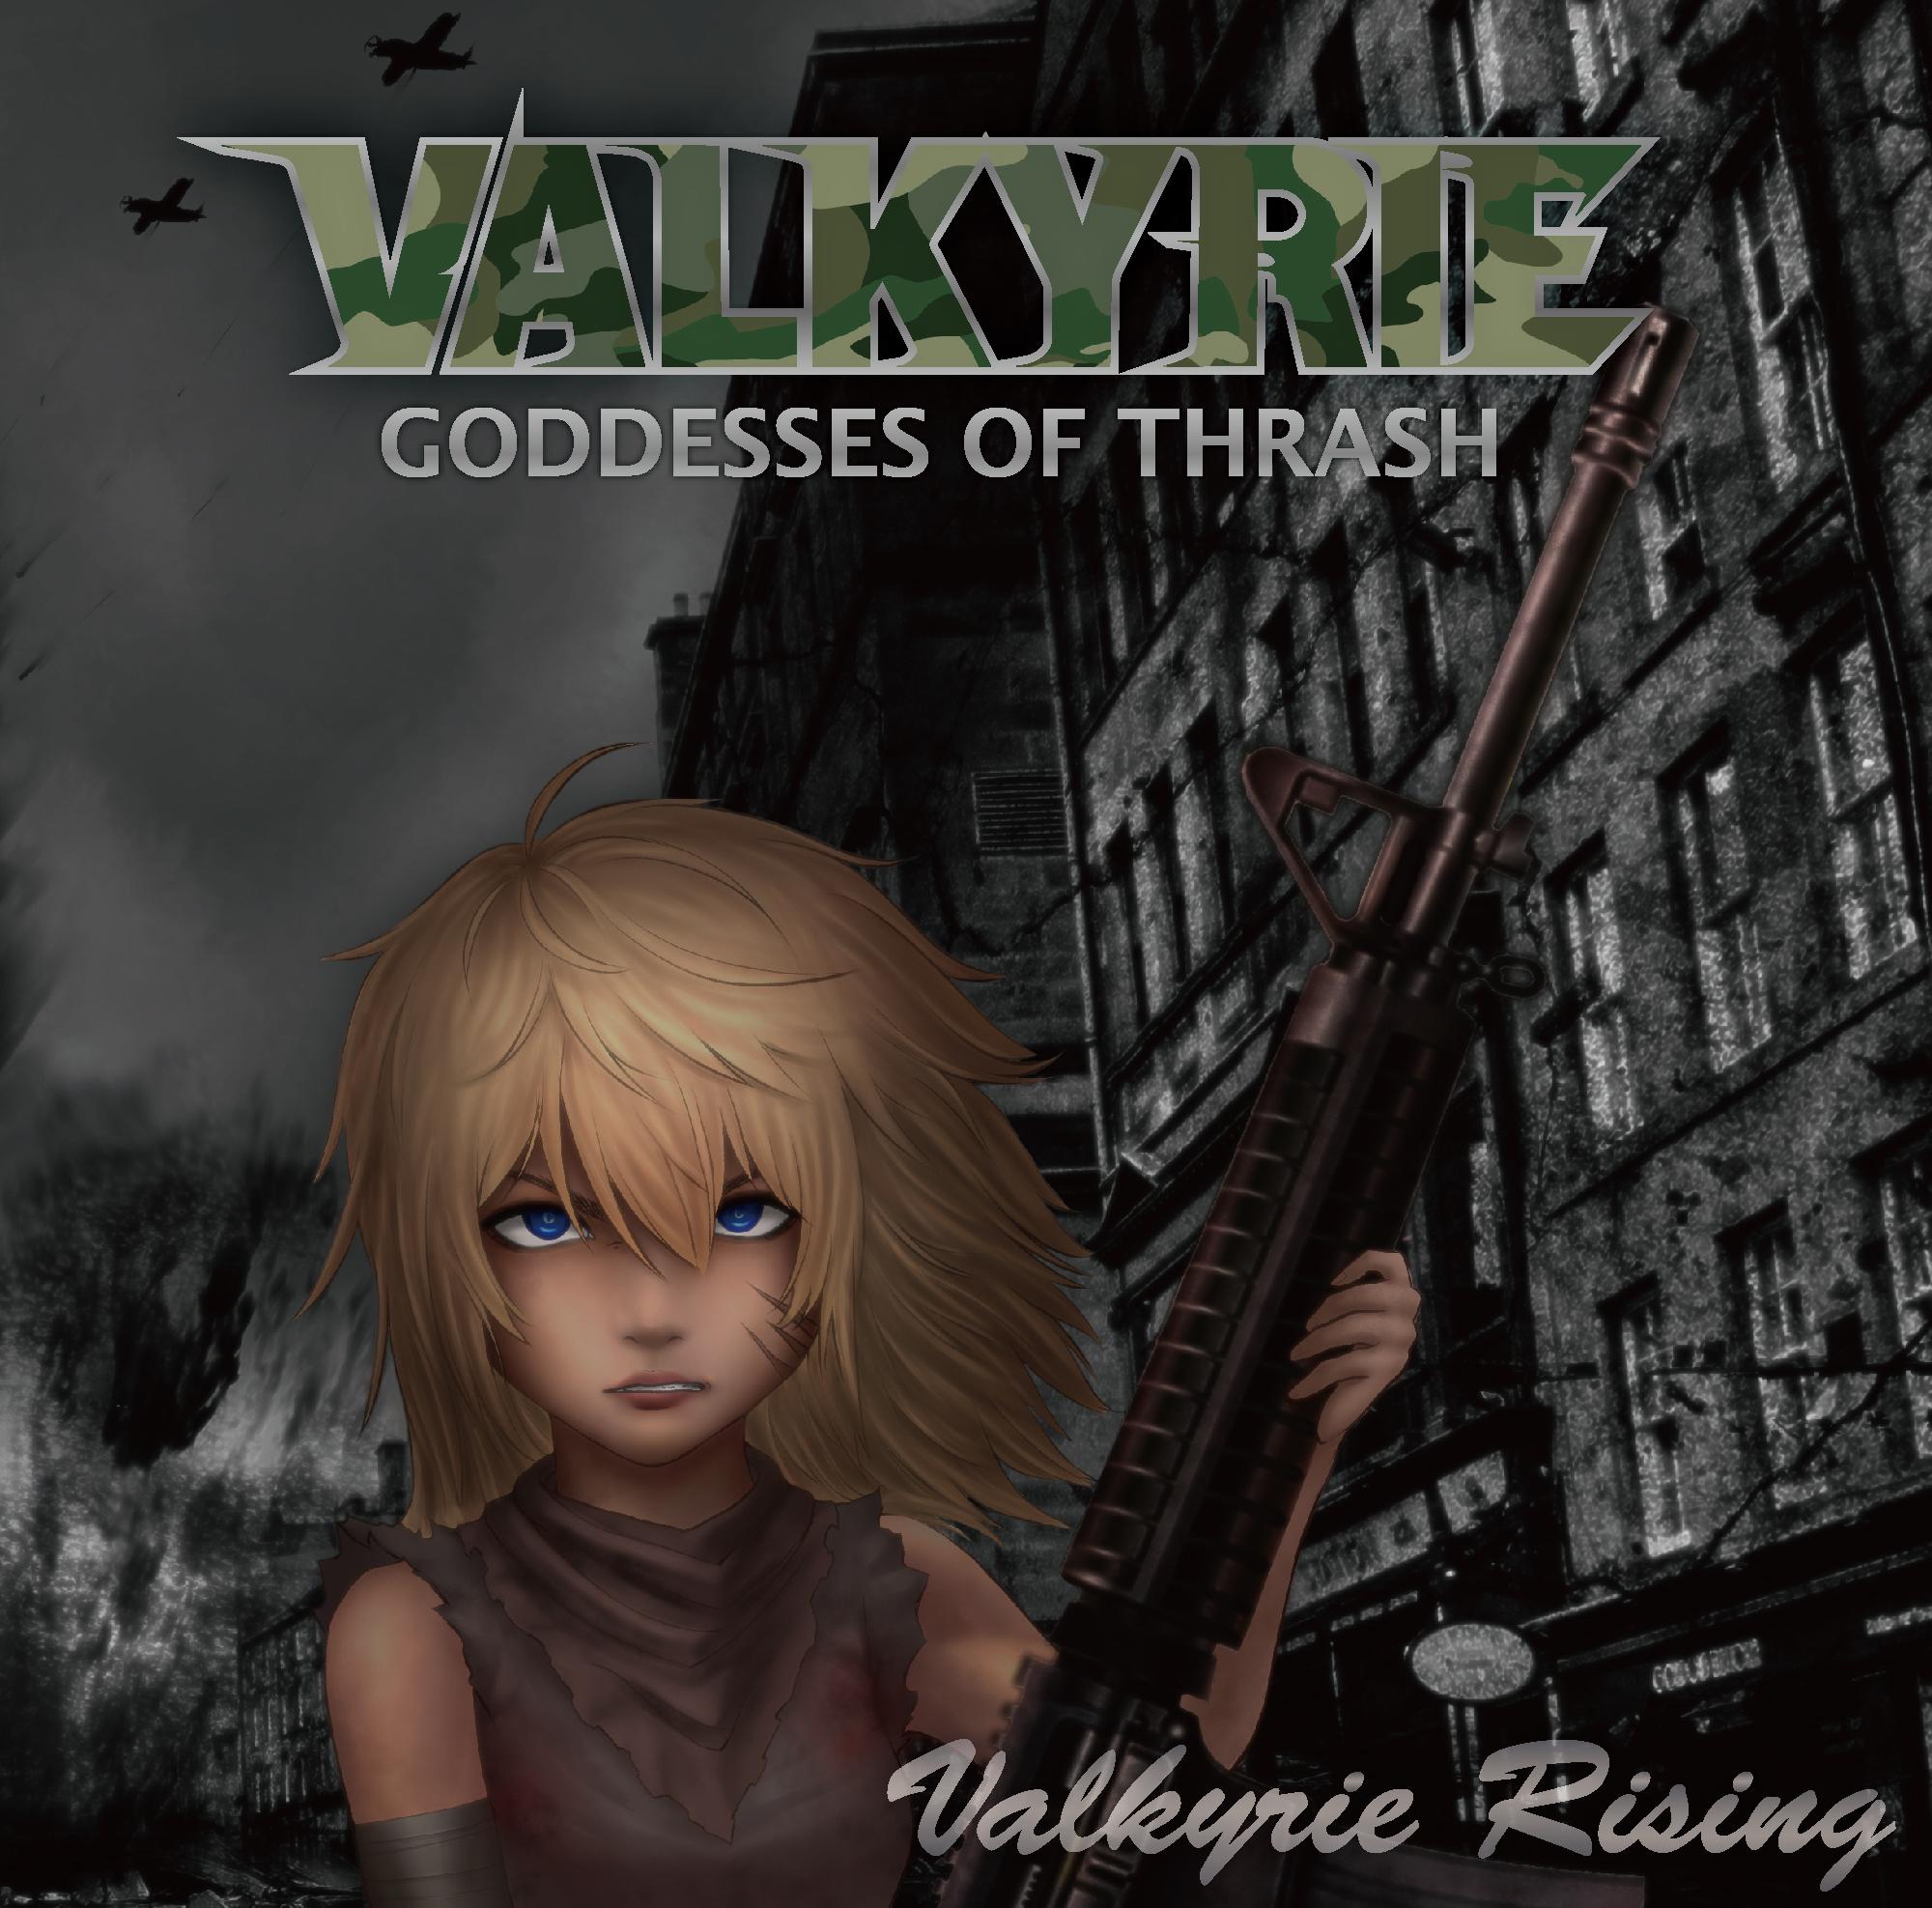 Valkyrie Rising(ヴァルキューレ・ライジング)CD発売中